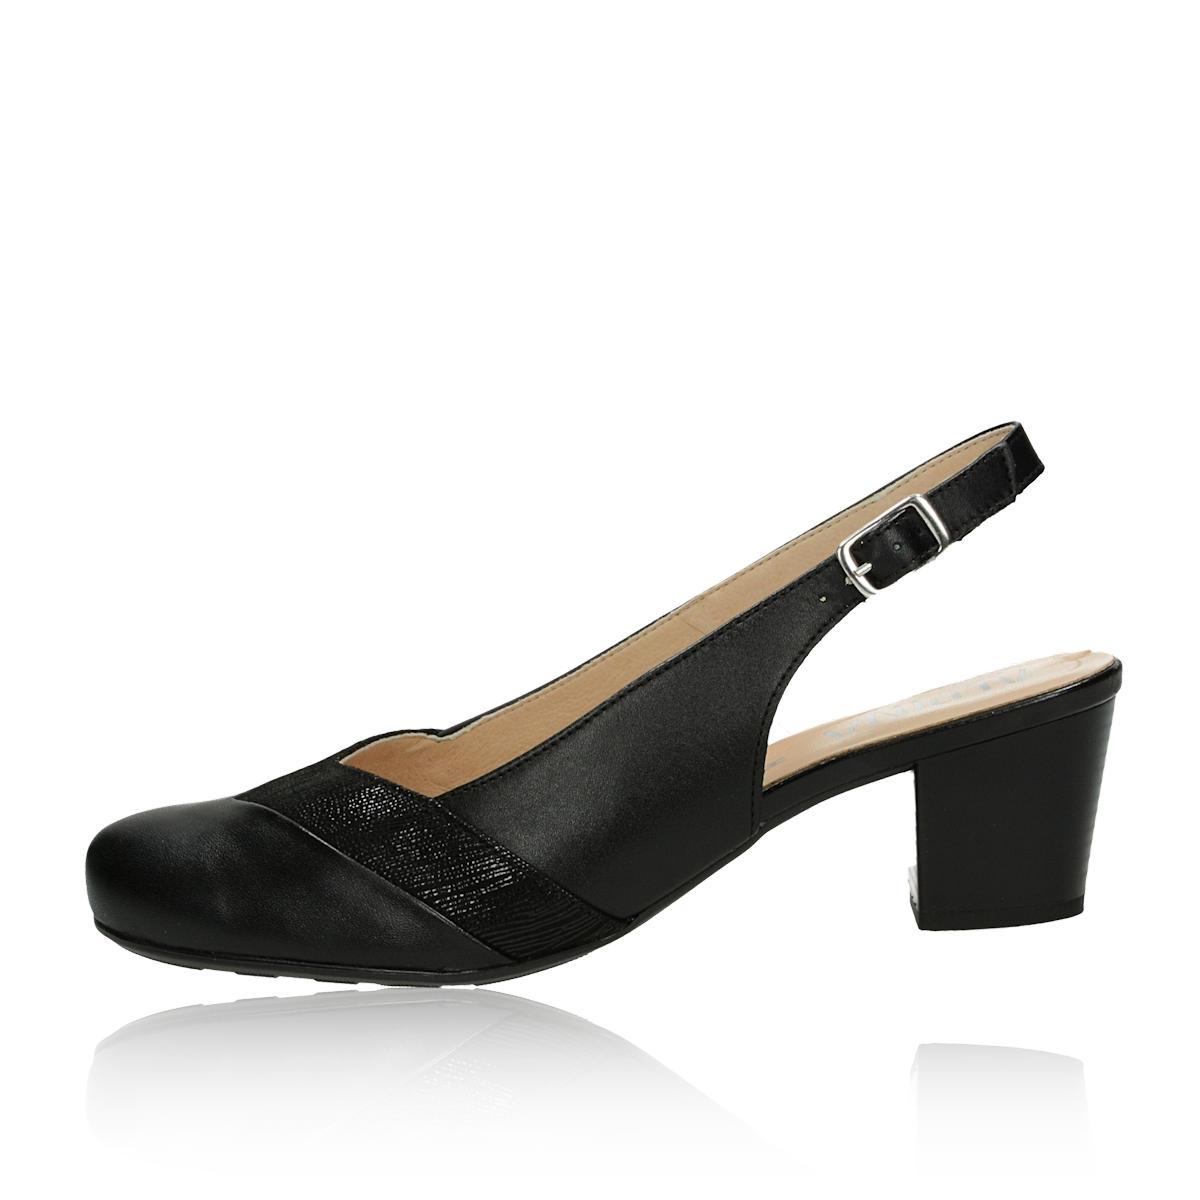 2fcbbde9f5 ... Alpina dámske kožené sandále s remienkom - čierne ...